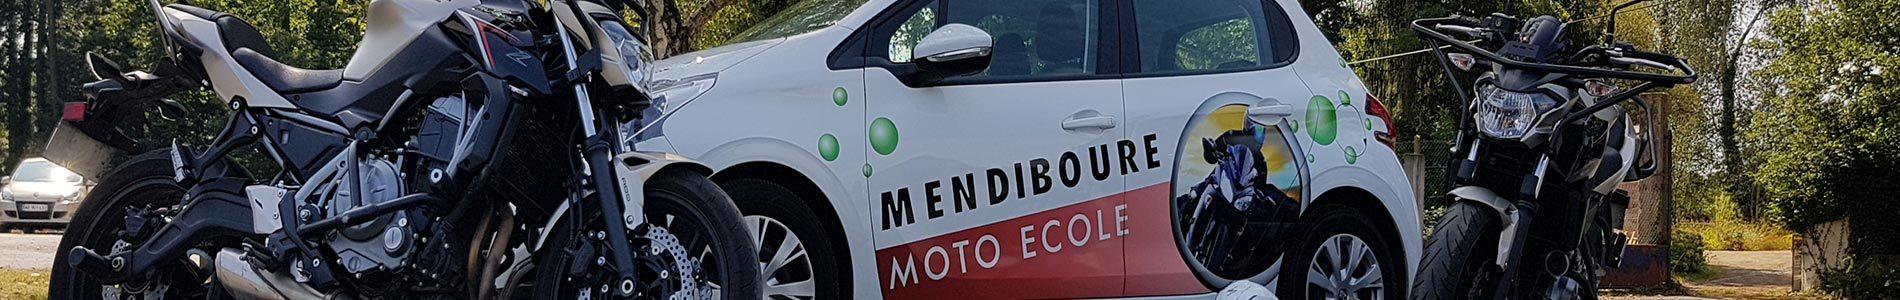 Mendiboure formation - Perfectionnement permis A2